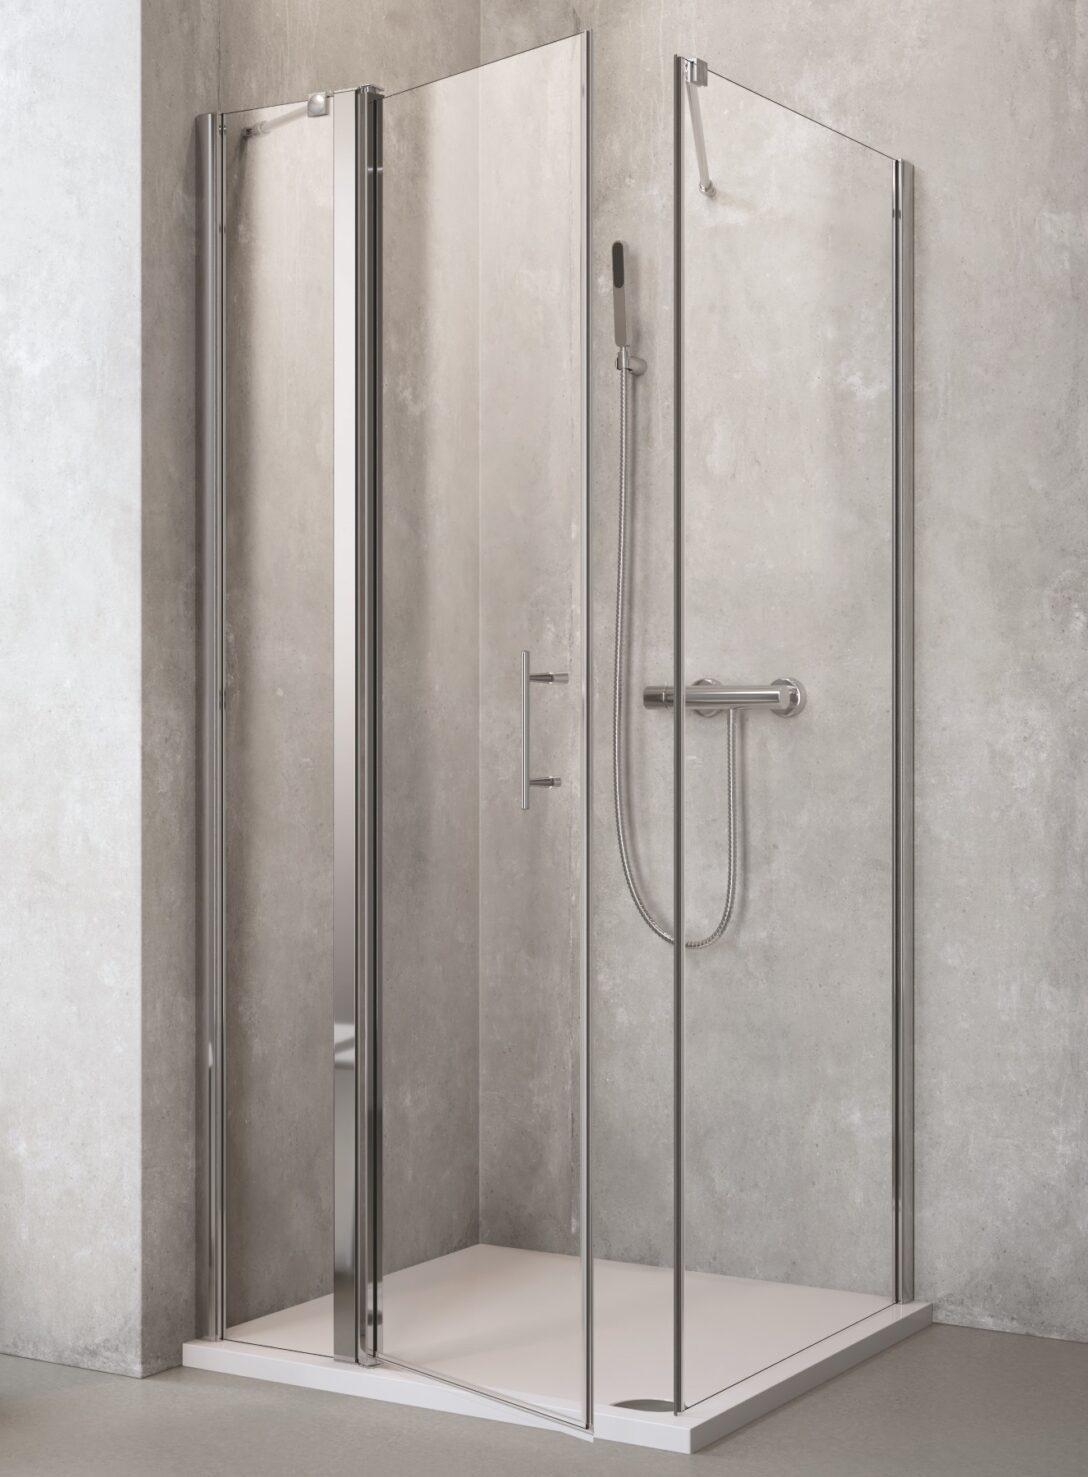 Large Size of Eckeinstieg Dusche Ebenerdig Bodenebene Bodengleiche Duschen Fliesen Hüppe Badewanne Mit Sprinz Mischbatterie Dusche Eckeinstieg Dusche